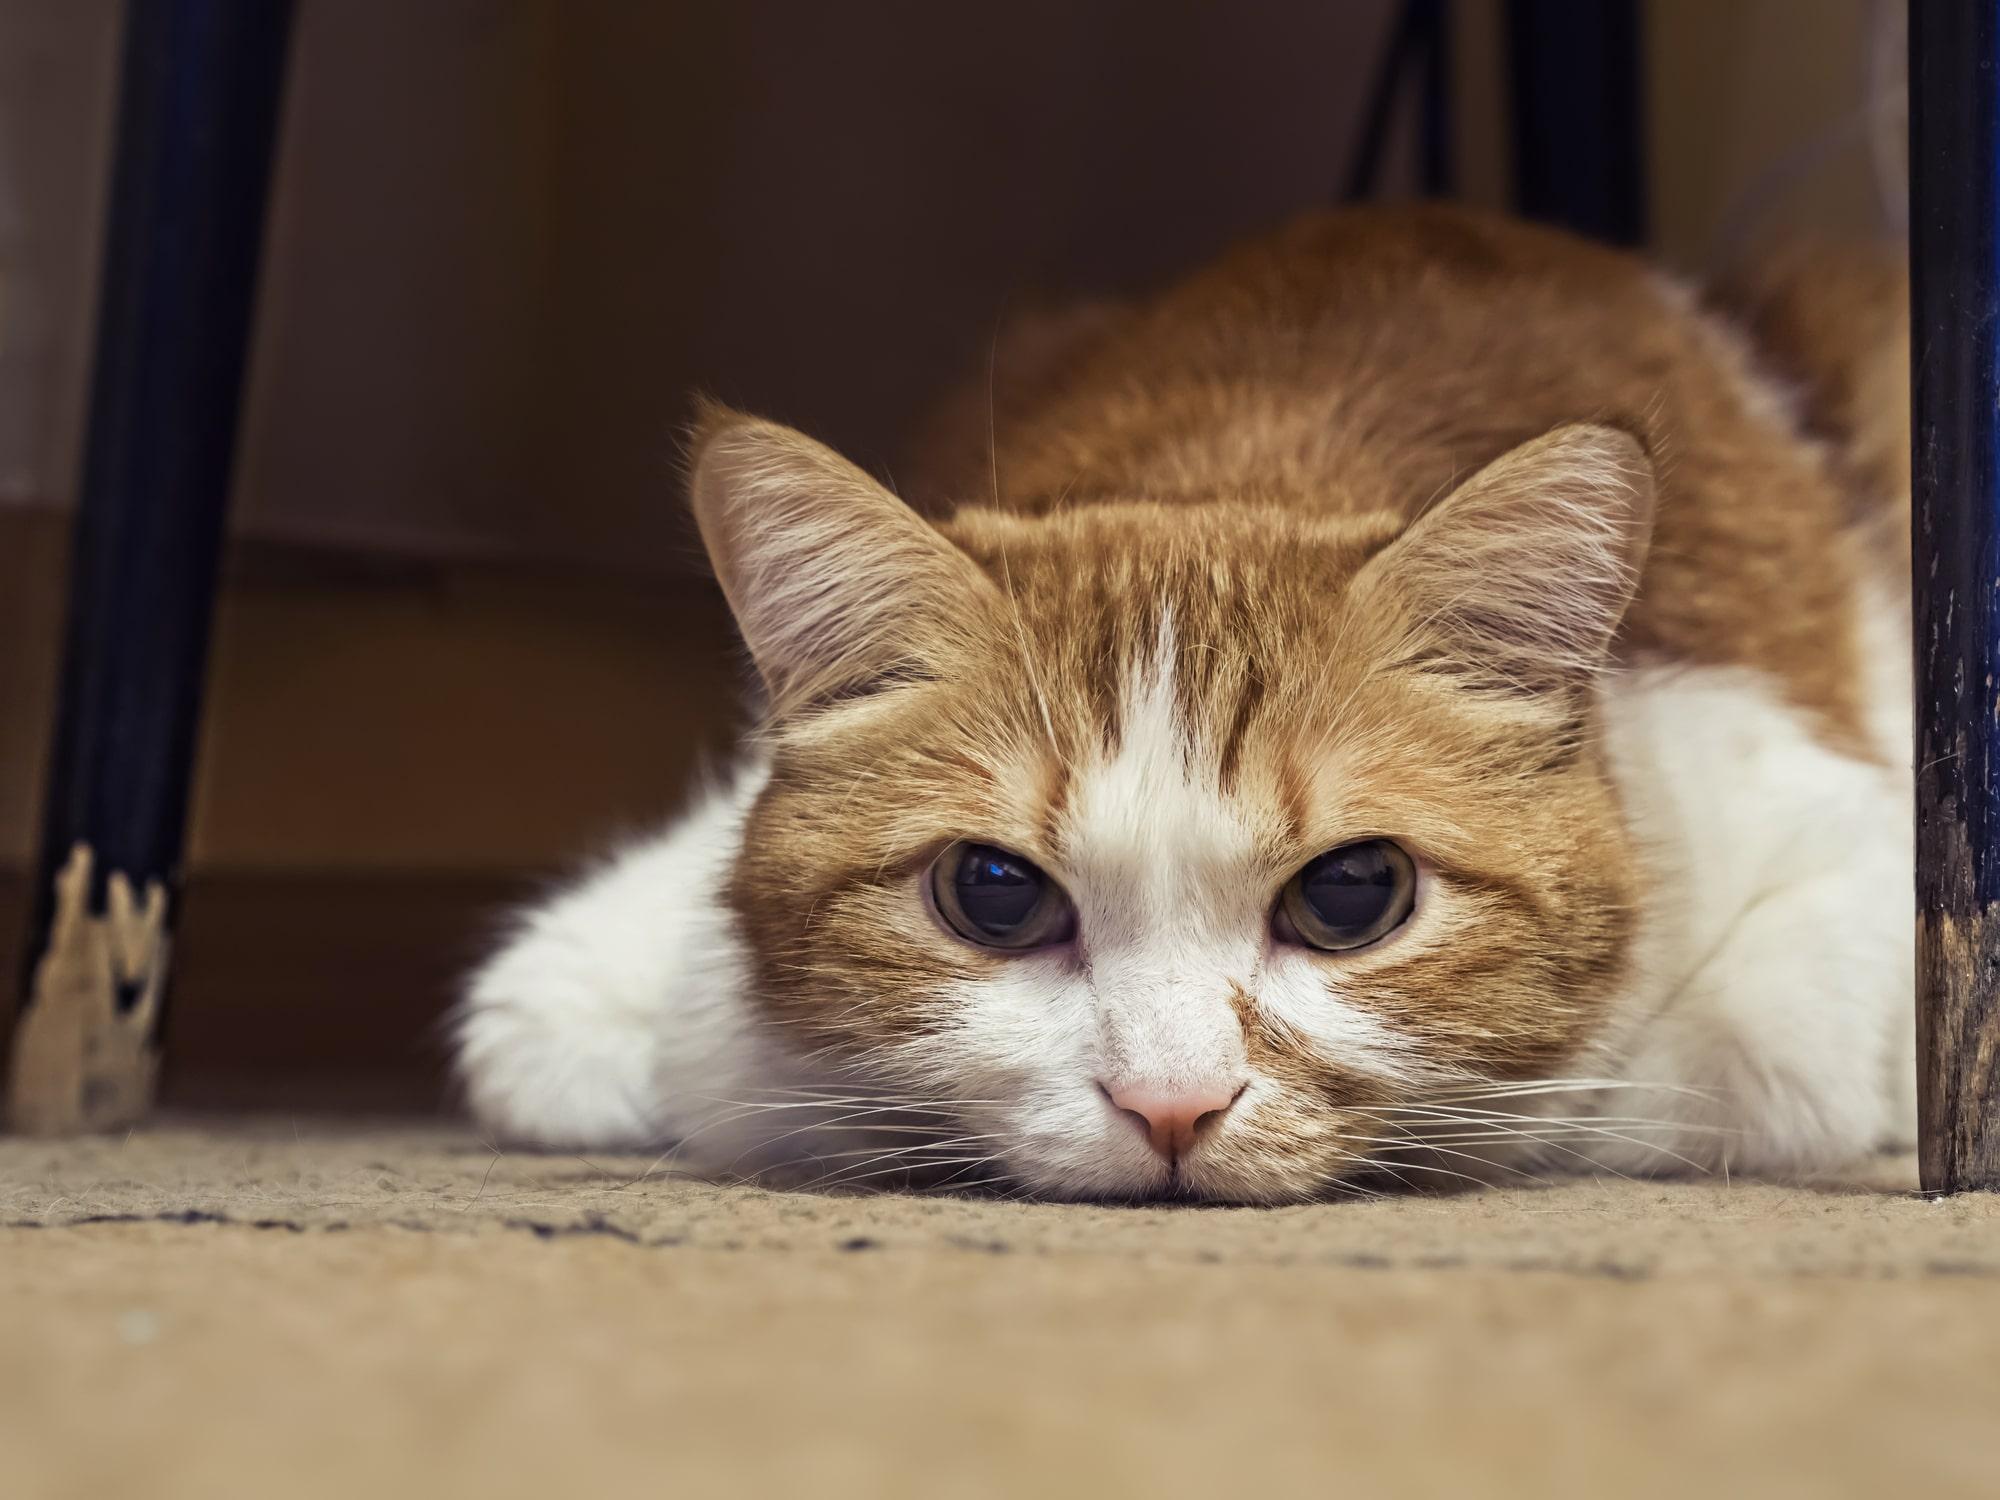 Los gatos pueden sentir dolor en el abdomen